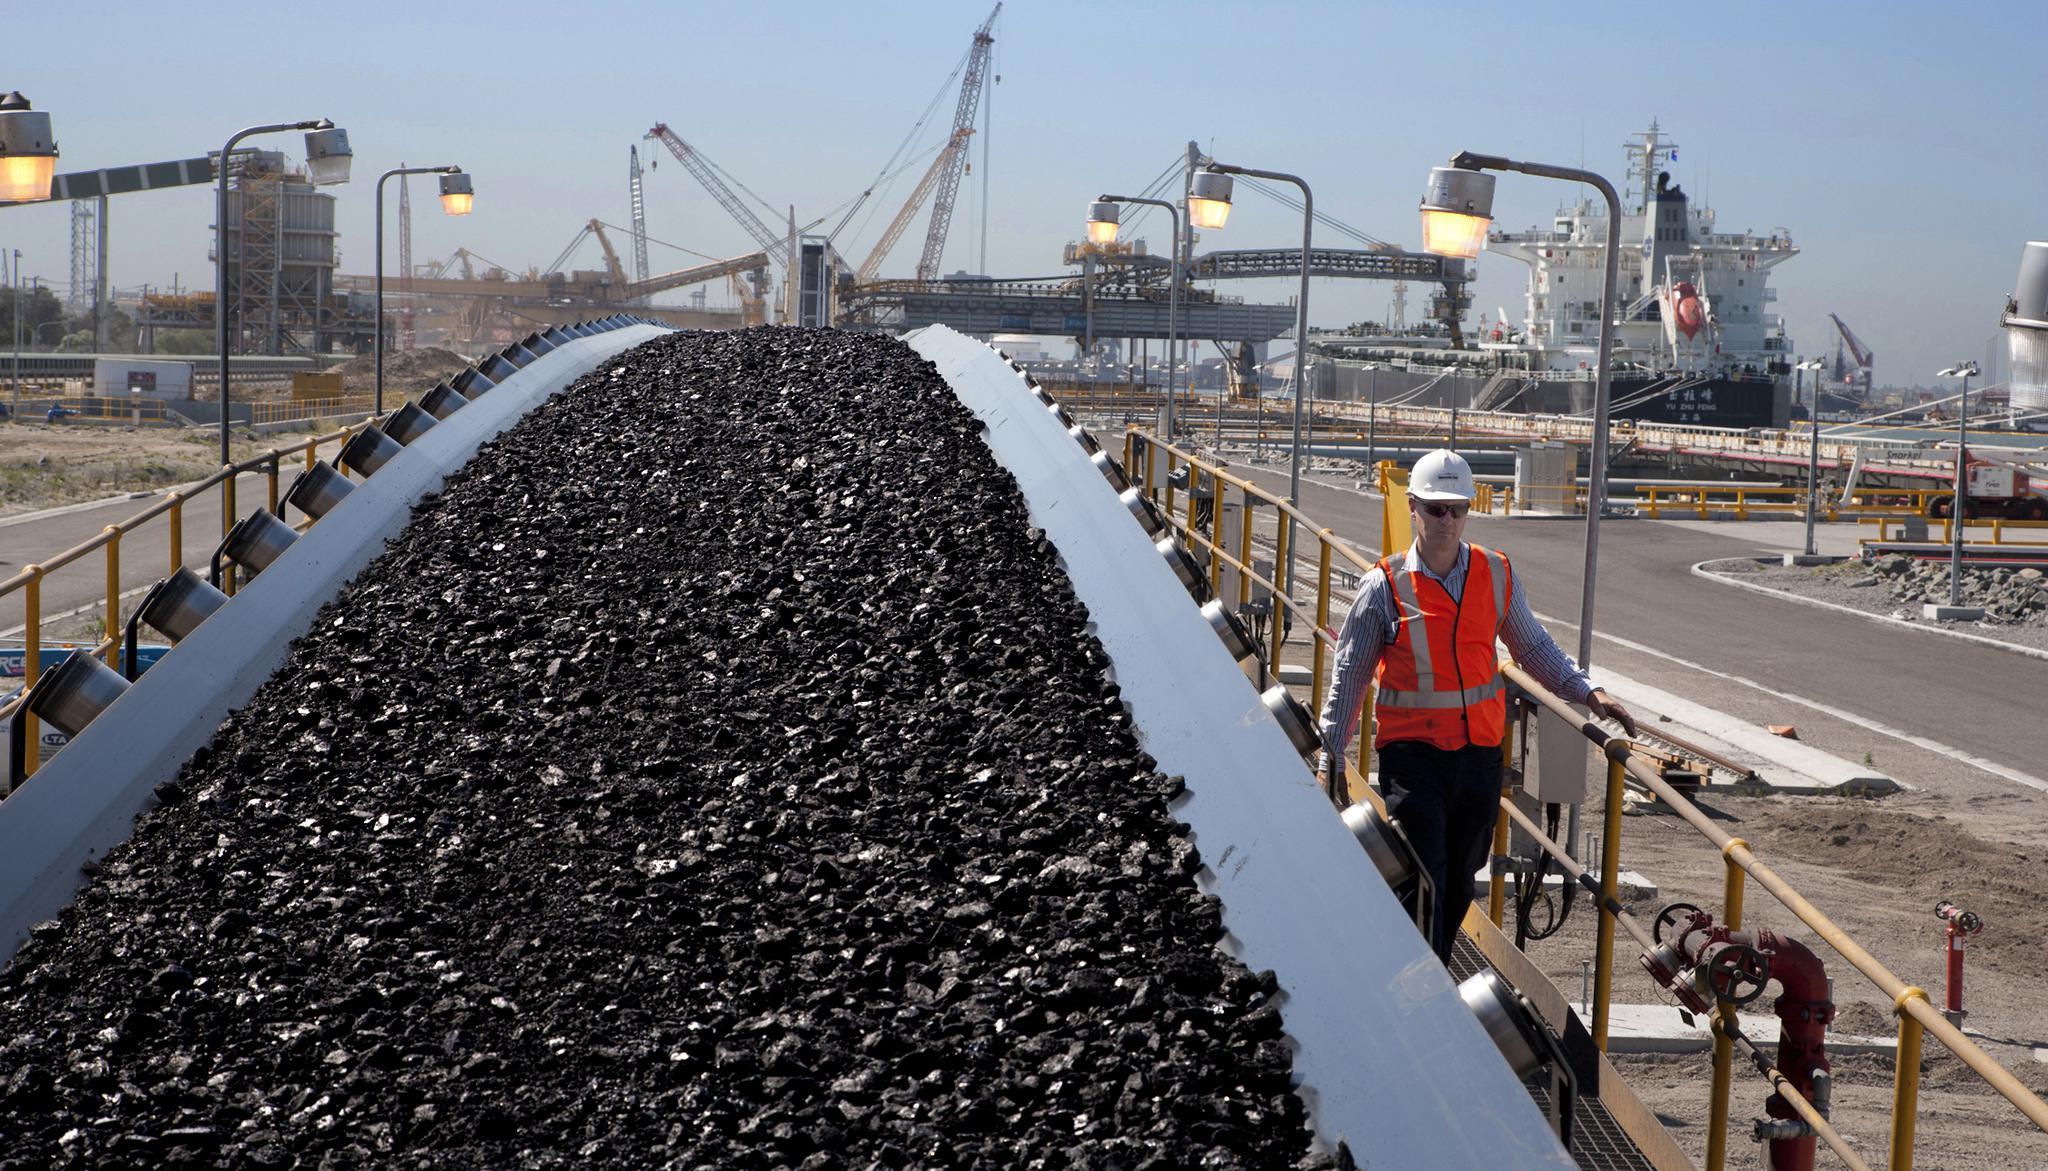 """煤矿安全集中整治来袭 煤炭""""双焦""""何去何从?"""